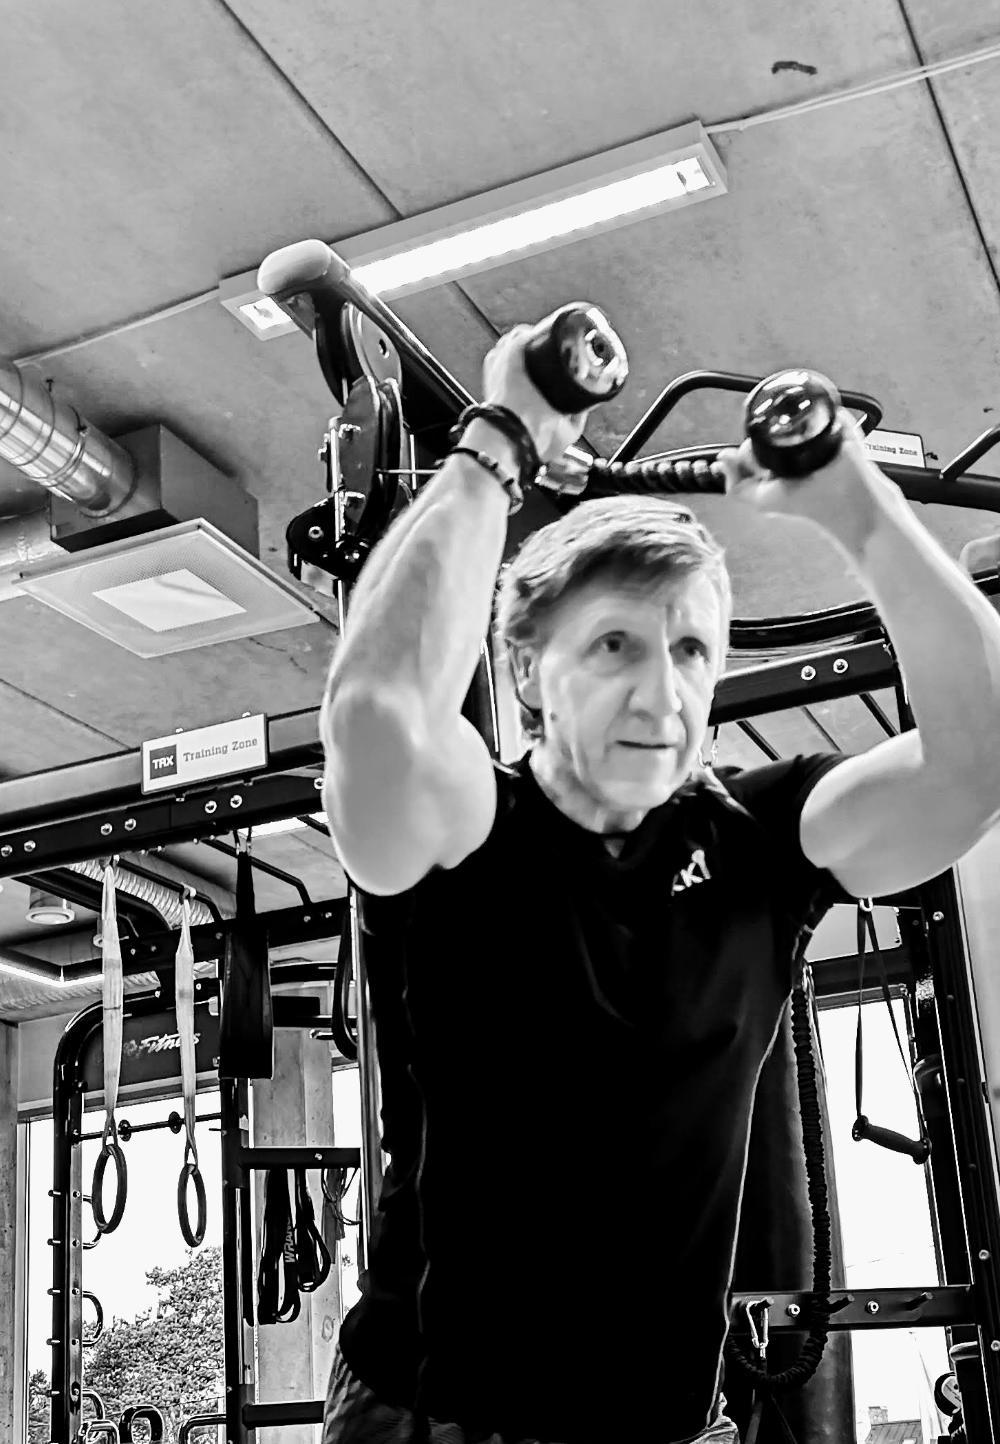 Erkki Fitness Personaaltreener Erkki Murakas